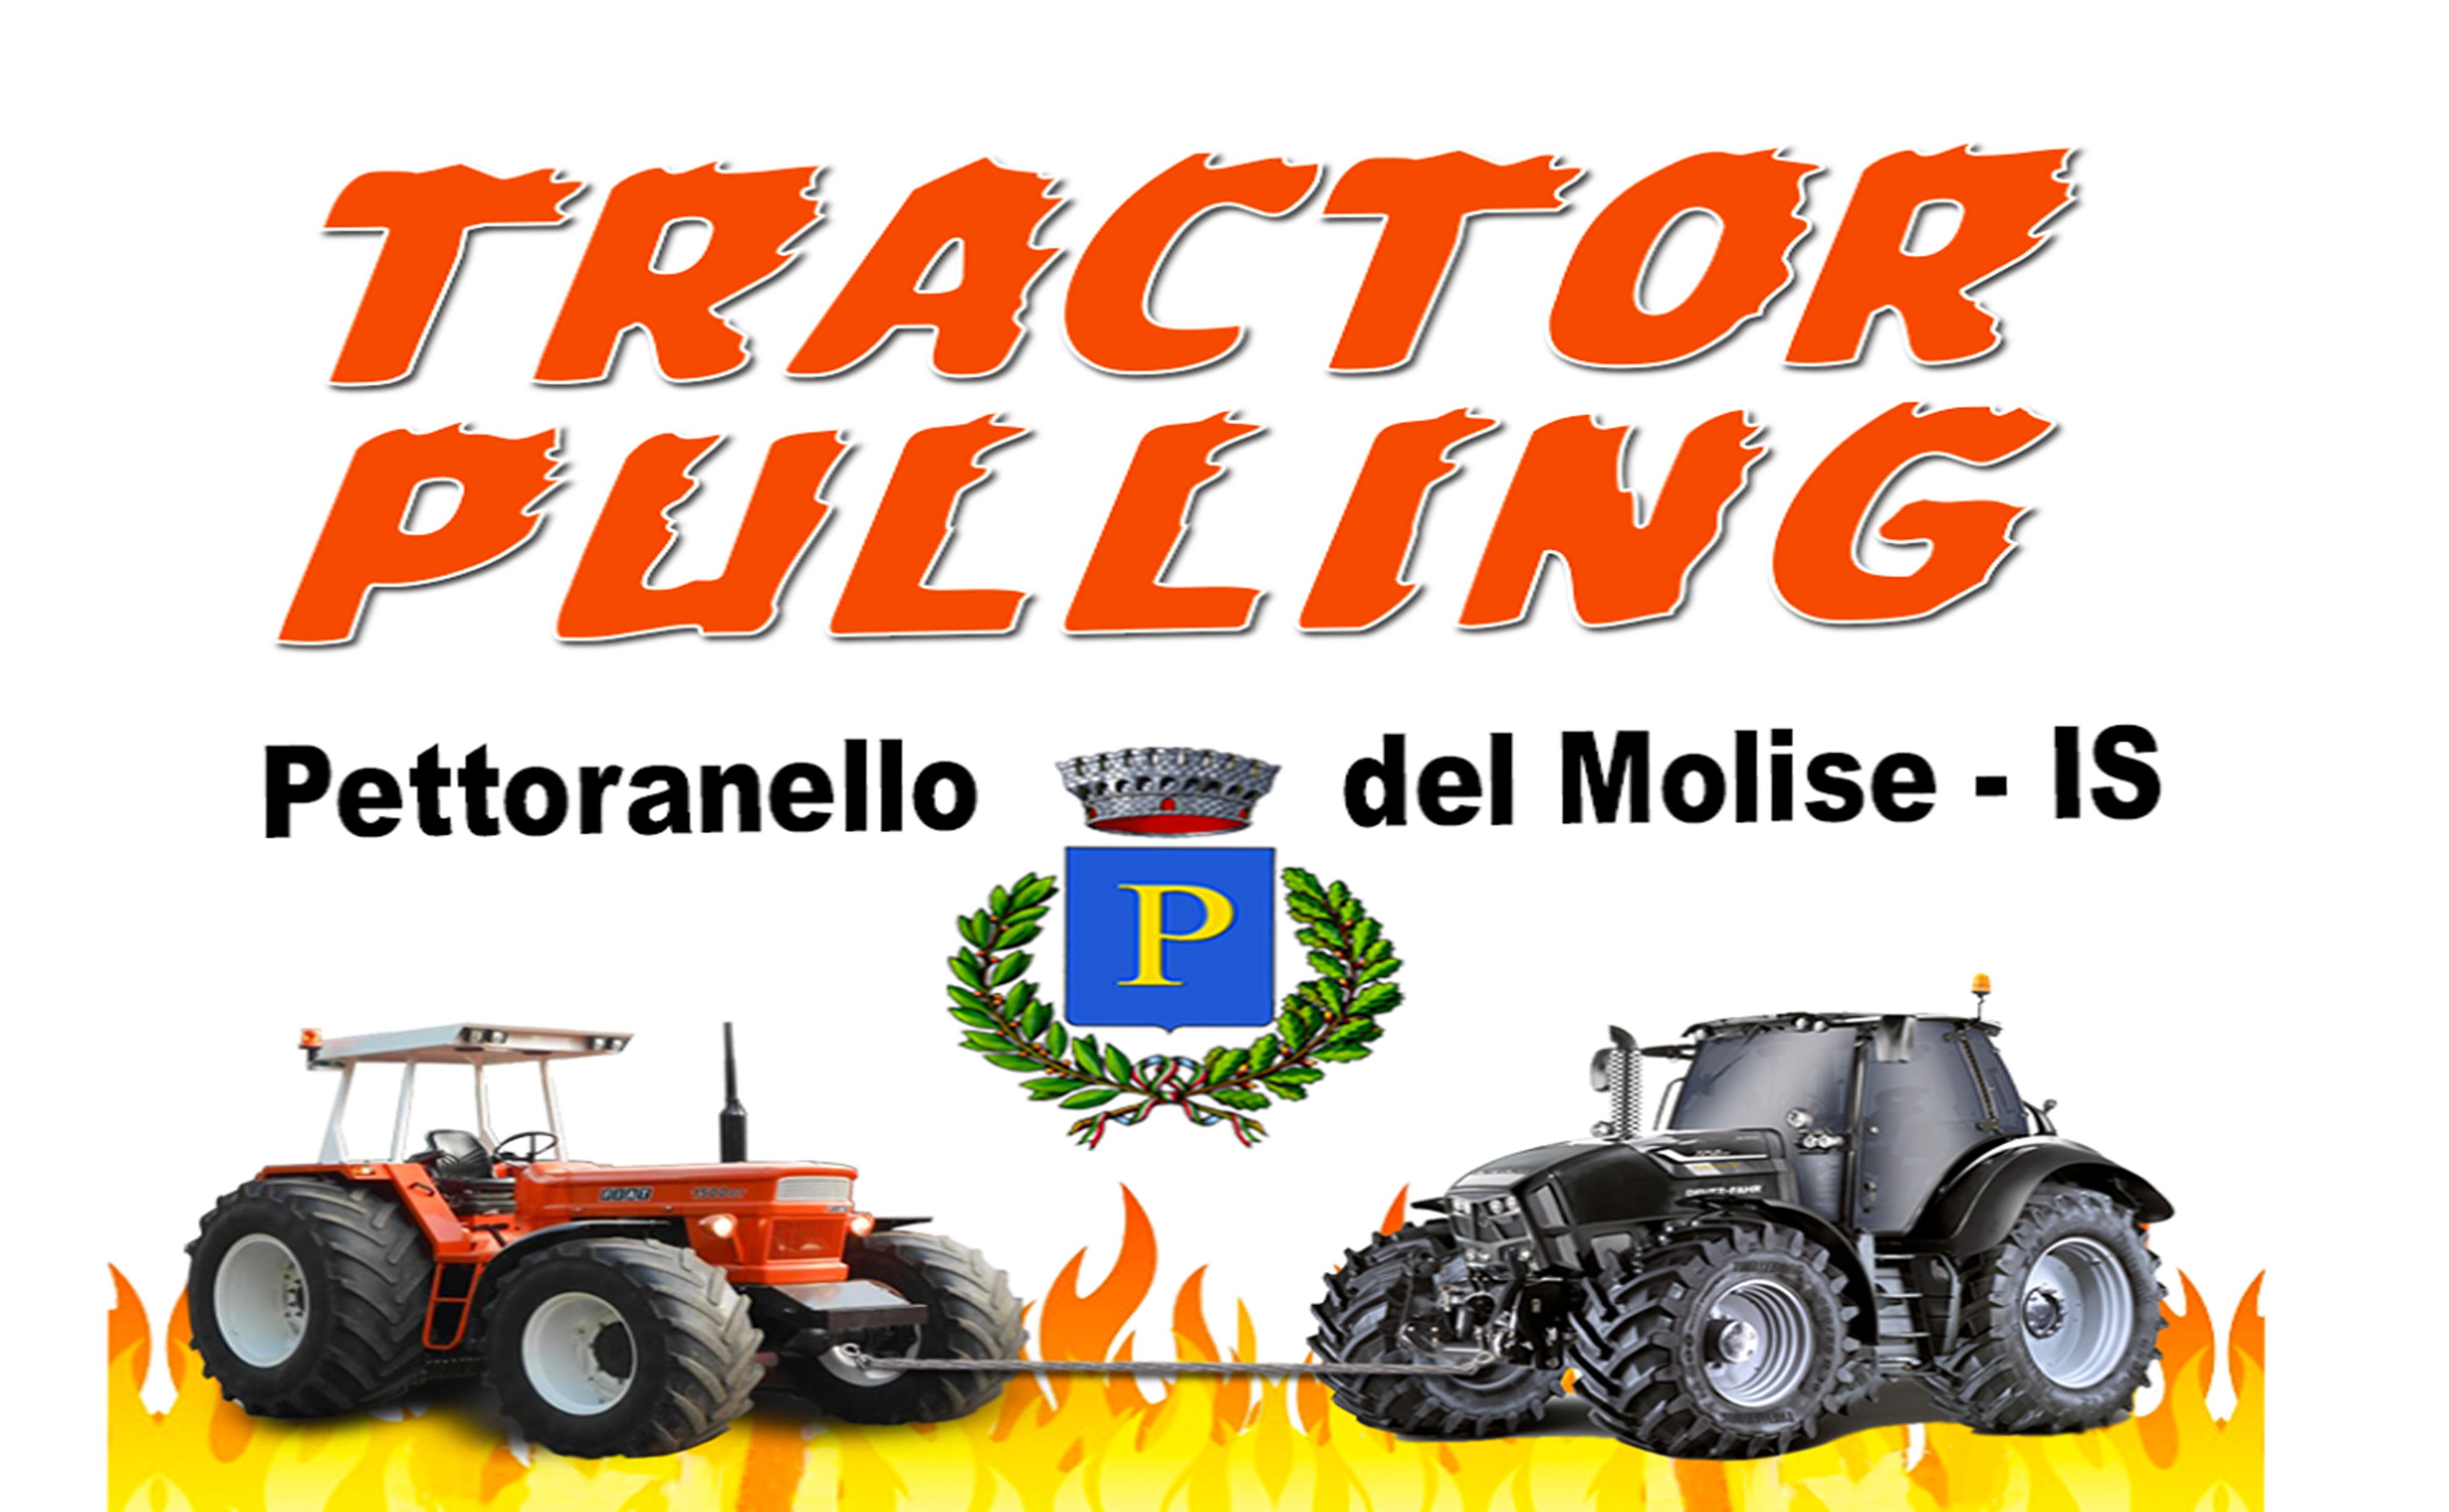 Tractor Pulling è tutto pronto a Pettoranello del Molise. Domenica 14 luglio il grande evento.